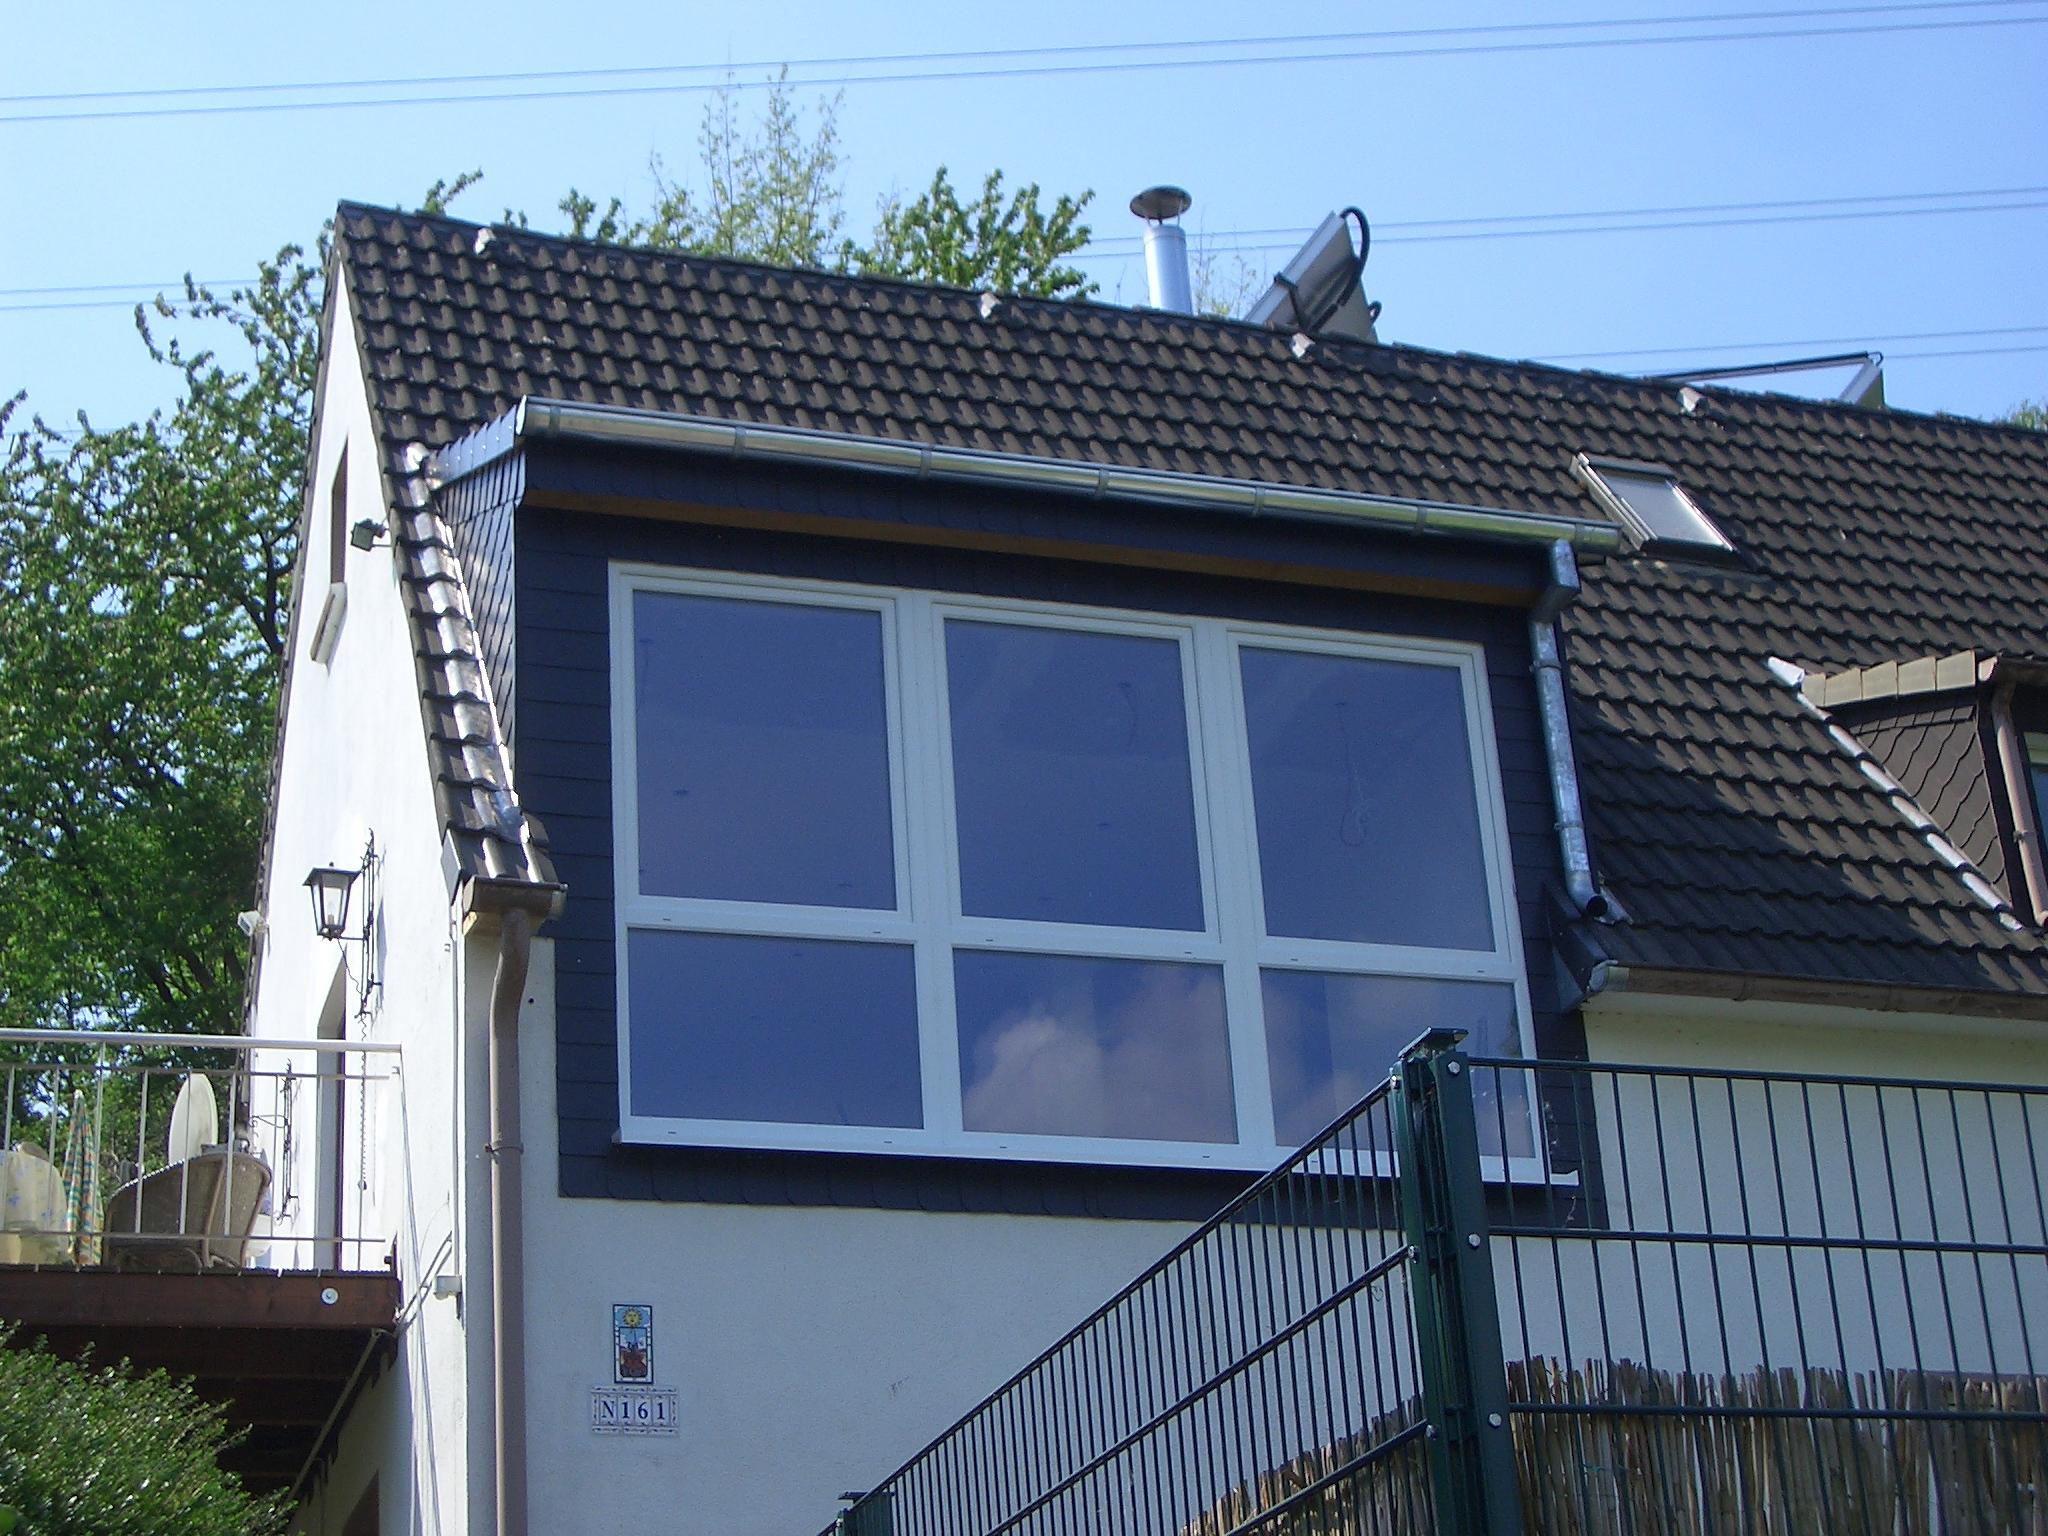 Gaube mit großen Fensterelementen für den großen Durchblick